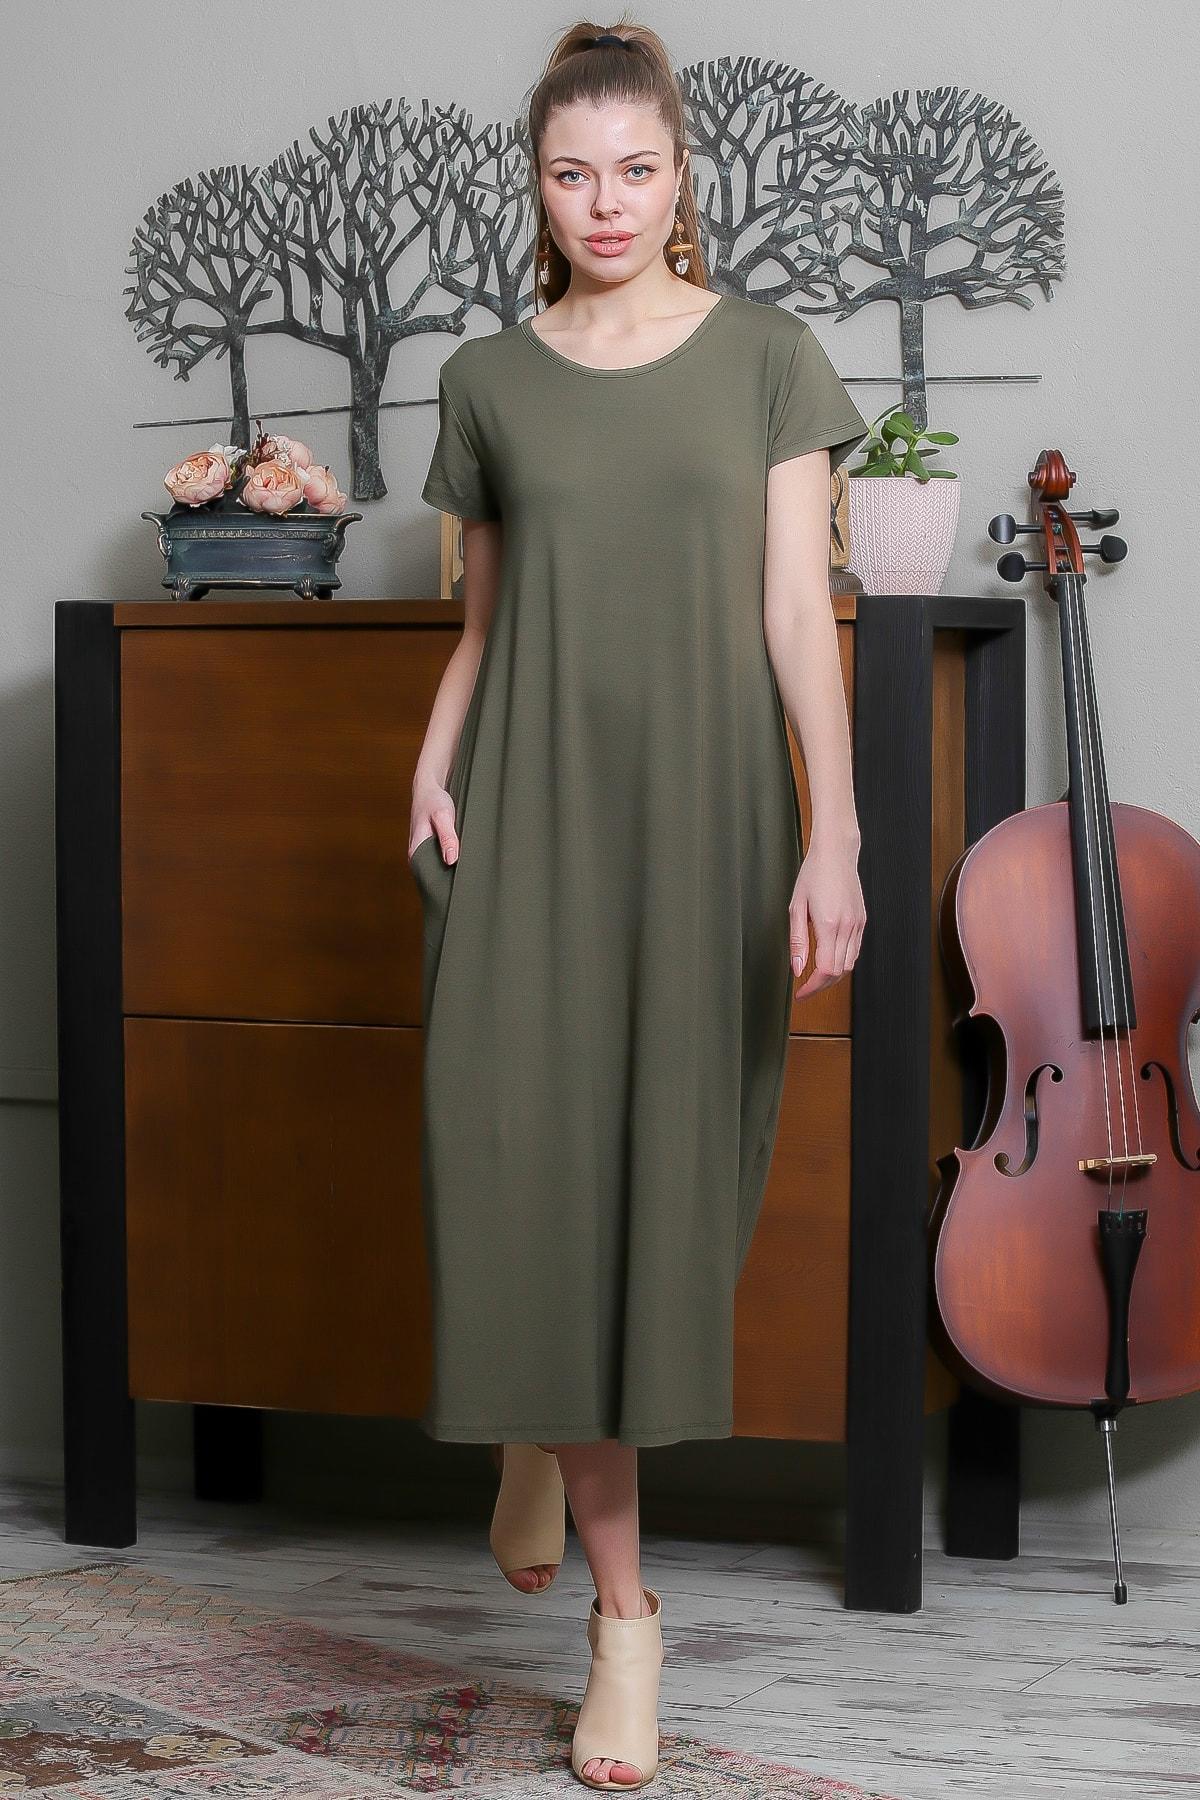 Chiccy Kadın Haki Sıfır Yaka Kısa Kollu Gizli Cepli Salaş Elbise M10160000EL95531 2